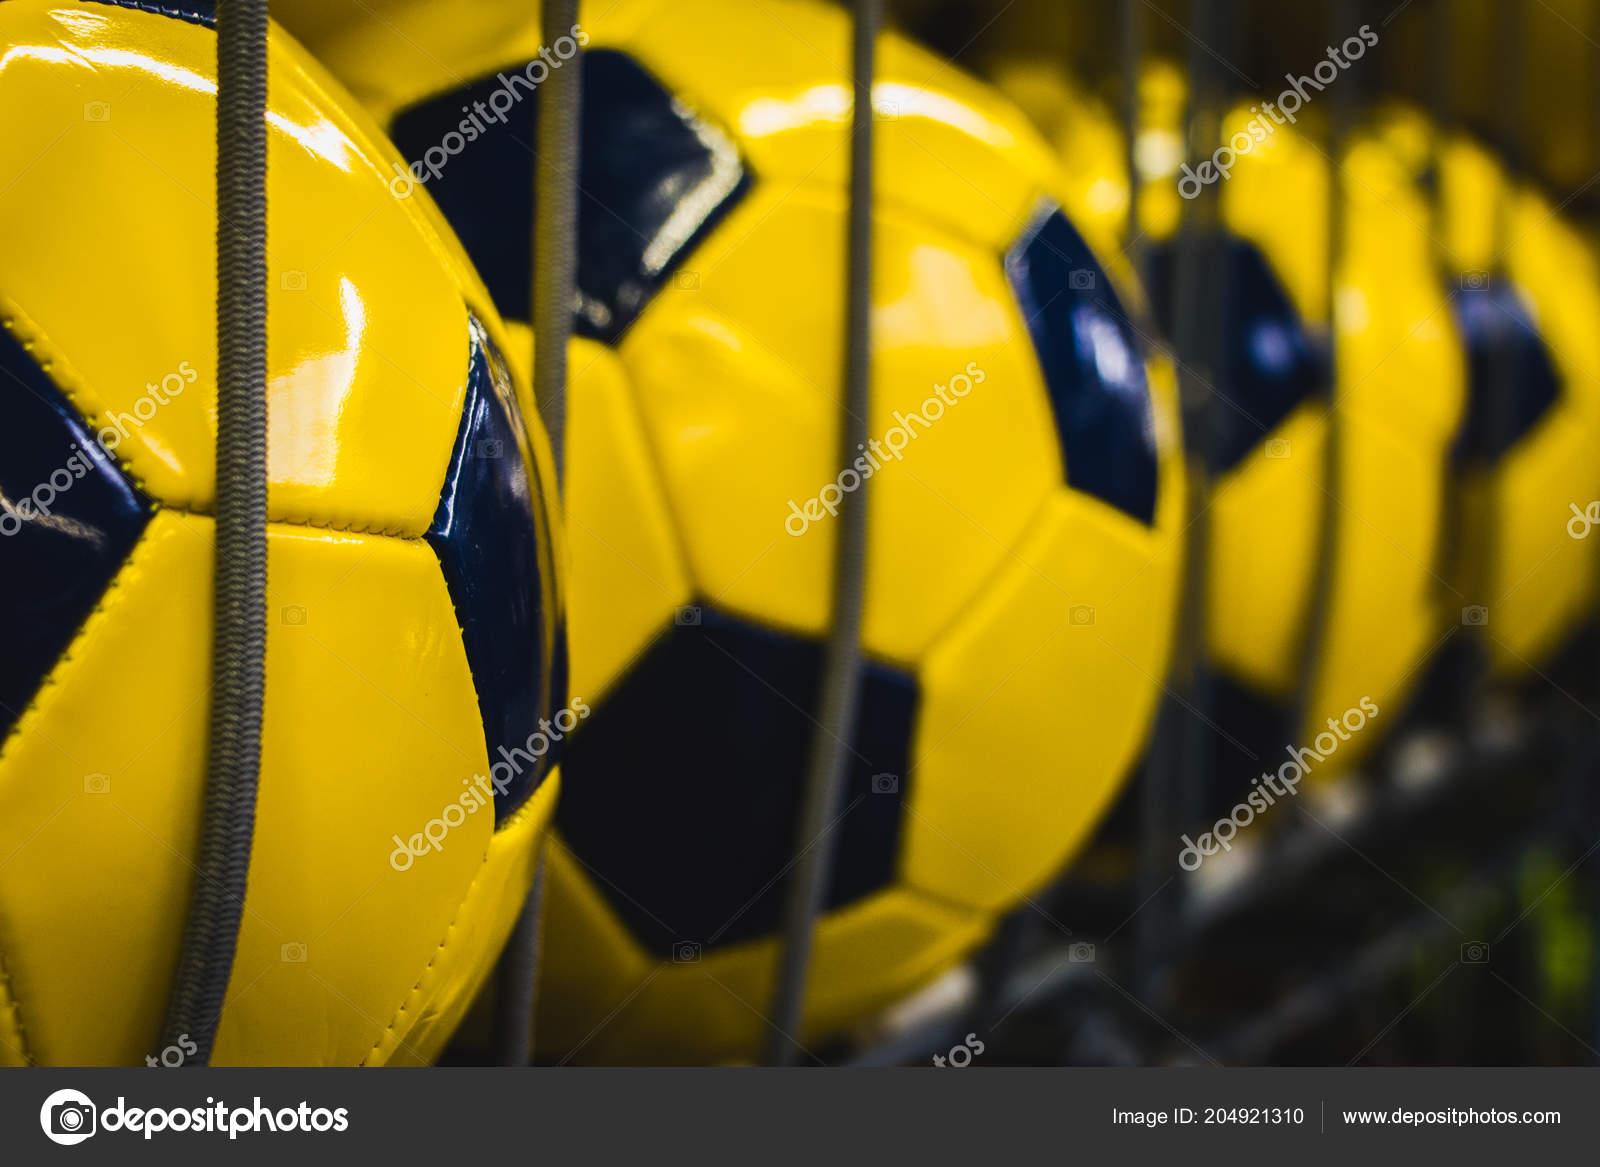 452cab120 Tienda Deporte Grupo Balones Fútbol Amarillo Nuevo — Foto de stock ...